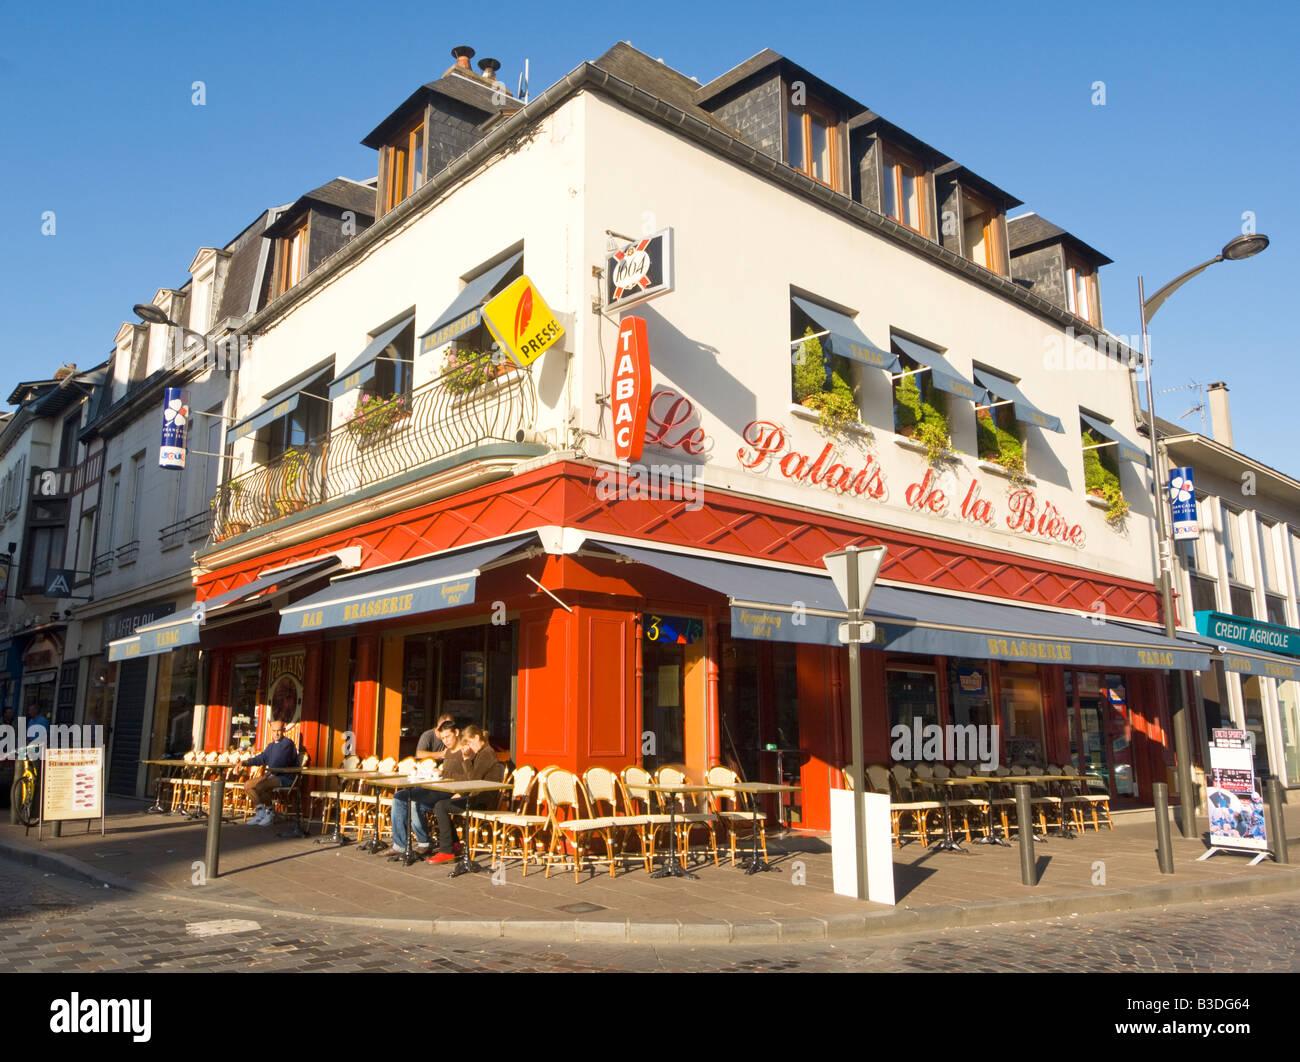 Caf le palais de la biere pont audemer normandy france stock photo royalty free image - Le royal pont audemer ...